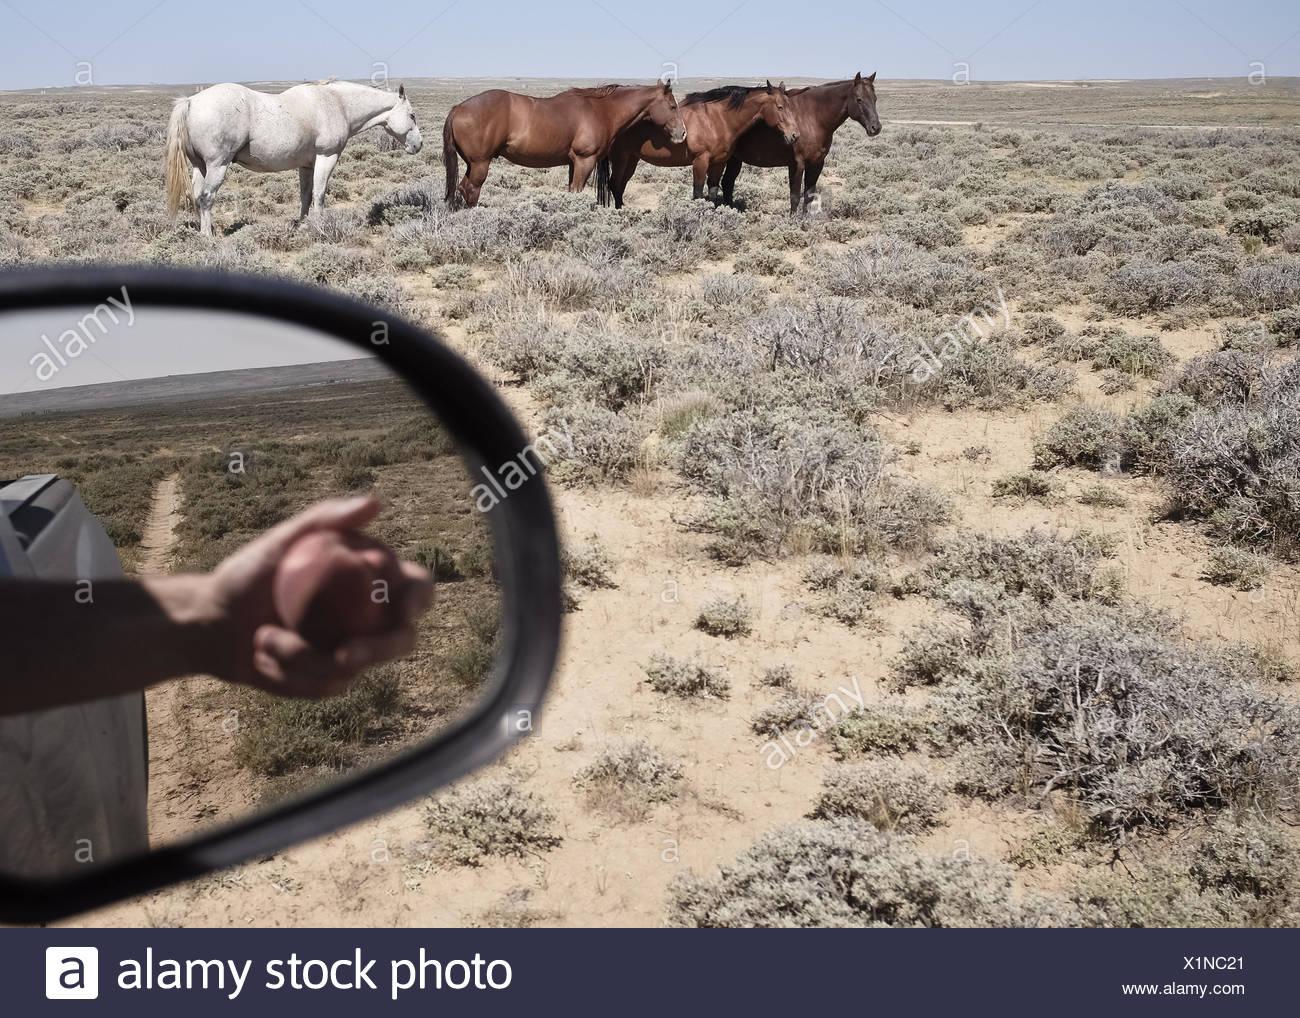 Stati Uniti d'America, Wyoming, cavalli e di riflessione di mano con Apple in specchio laterale Immagini Stock